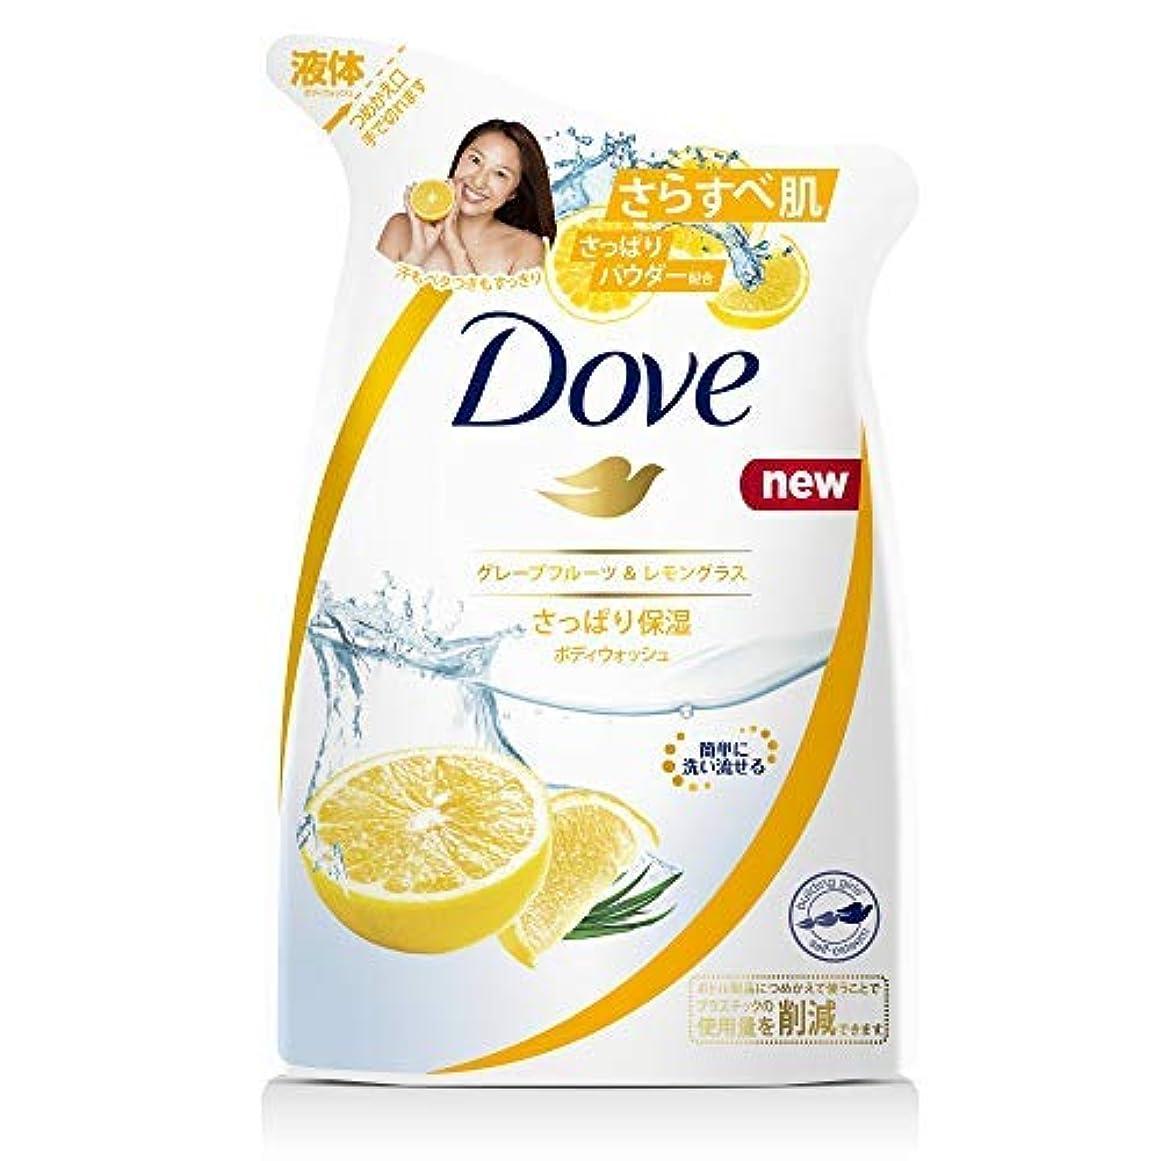 受付目に見える覚えているダヴ ボディウォッシュ グレープフルーツ&レモングラス つめかえ用 × 9個セット